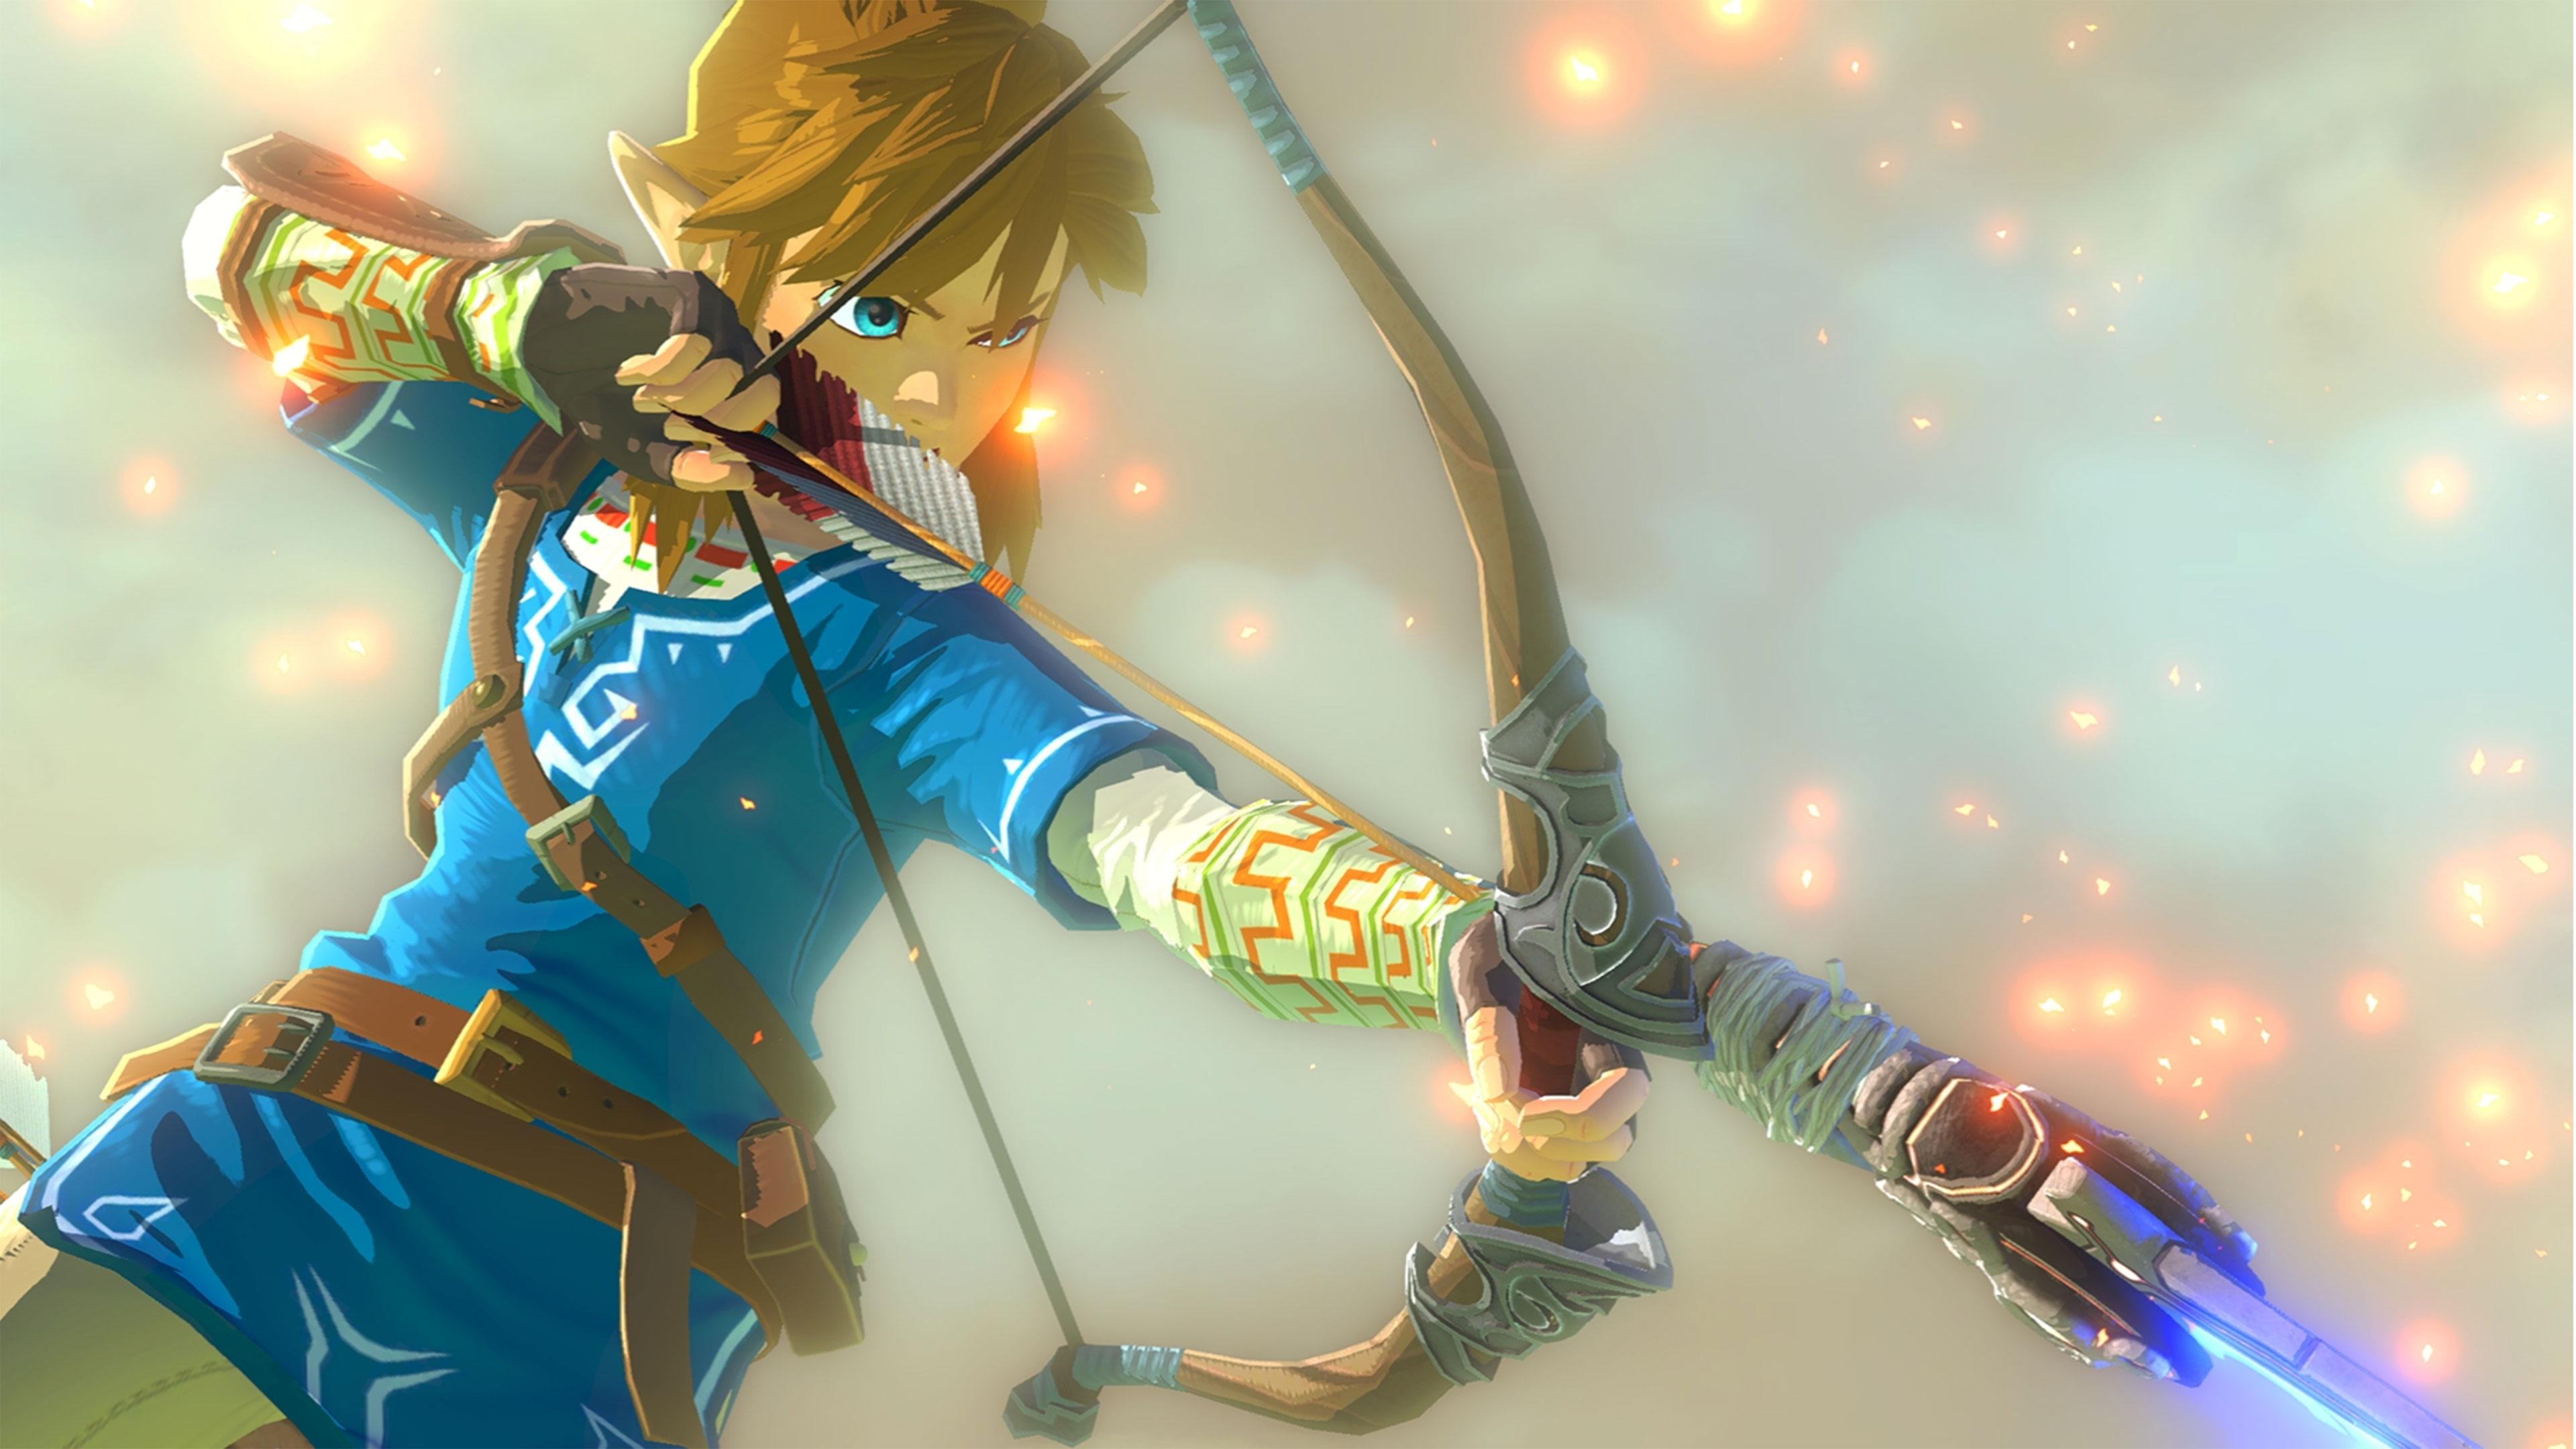 4K Zelda Wallpaper - WallpaperSafari